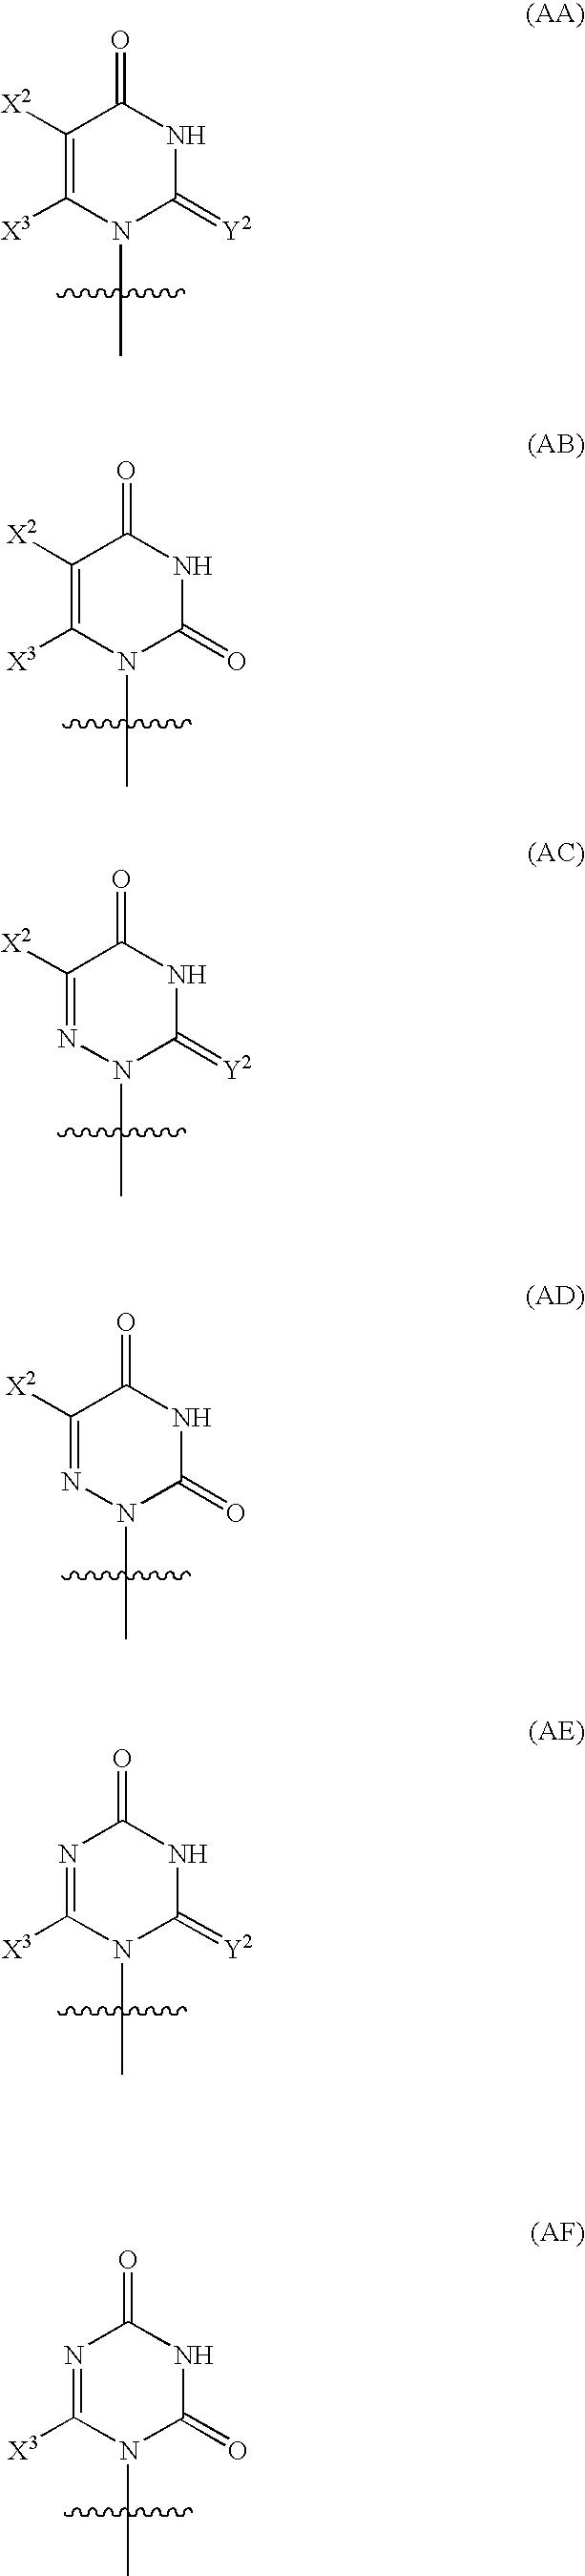 Figure US07608600-20091027-C00008